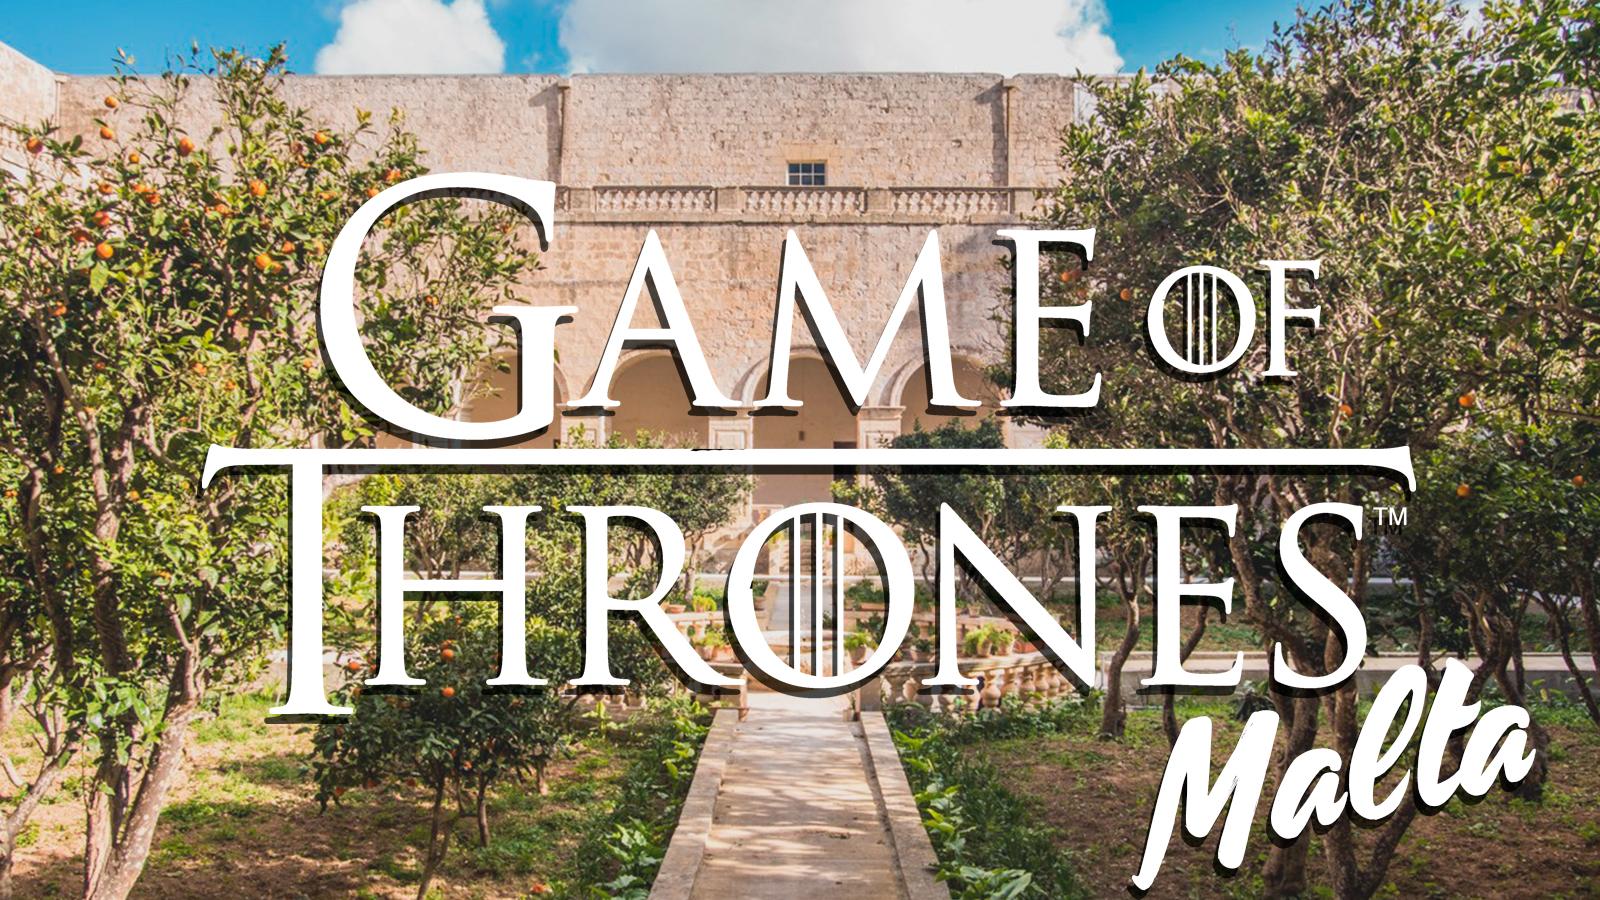 Il Trono di Spade, tutte le location da scoprire a Malta